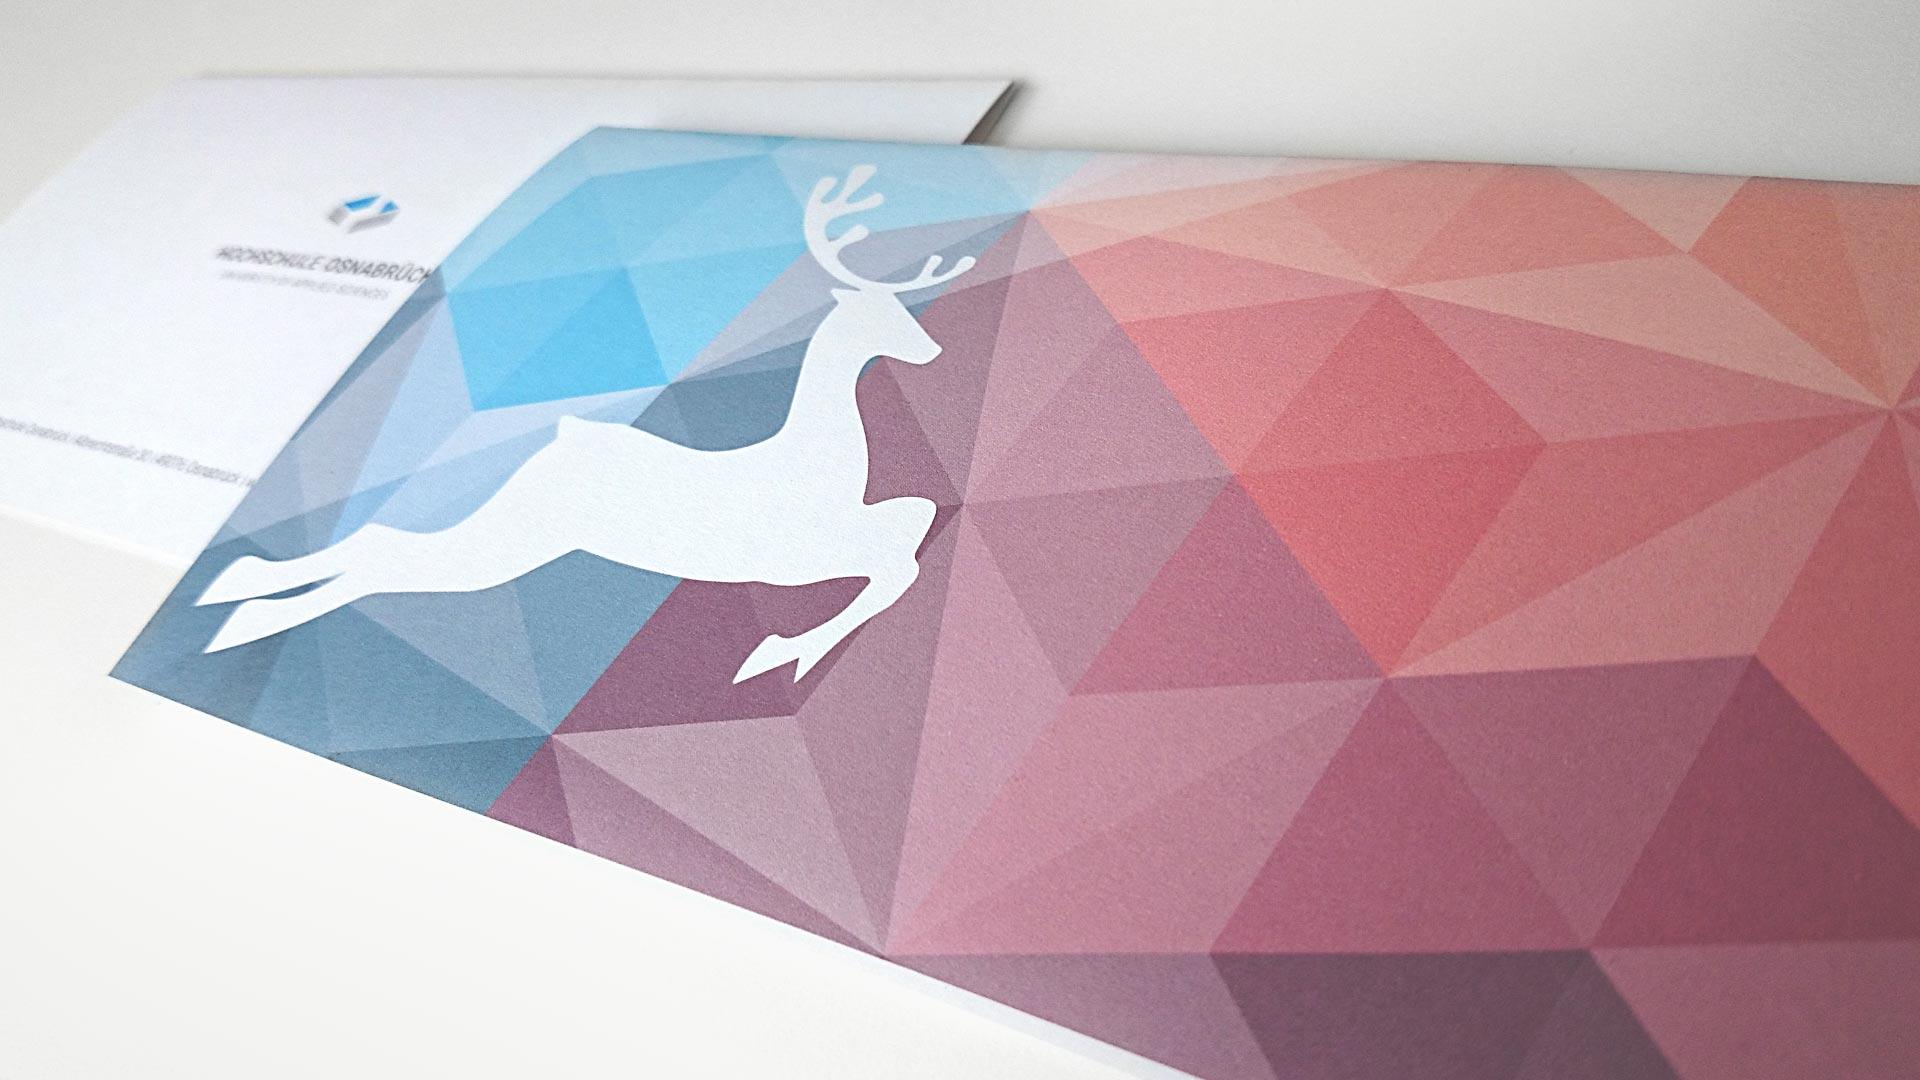 artventura-Projekt Corporate Design Entwicklung der Hochschule Osnabrück:Weihnachtskarte